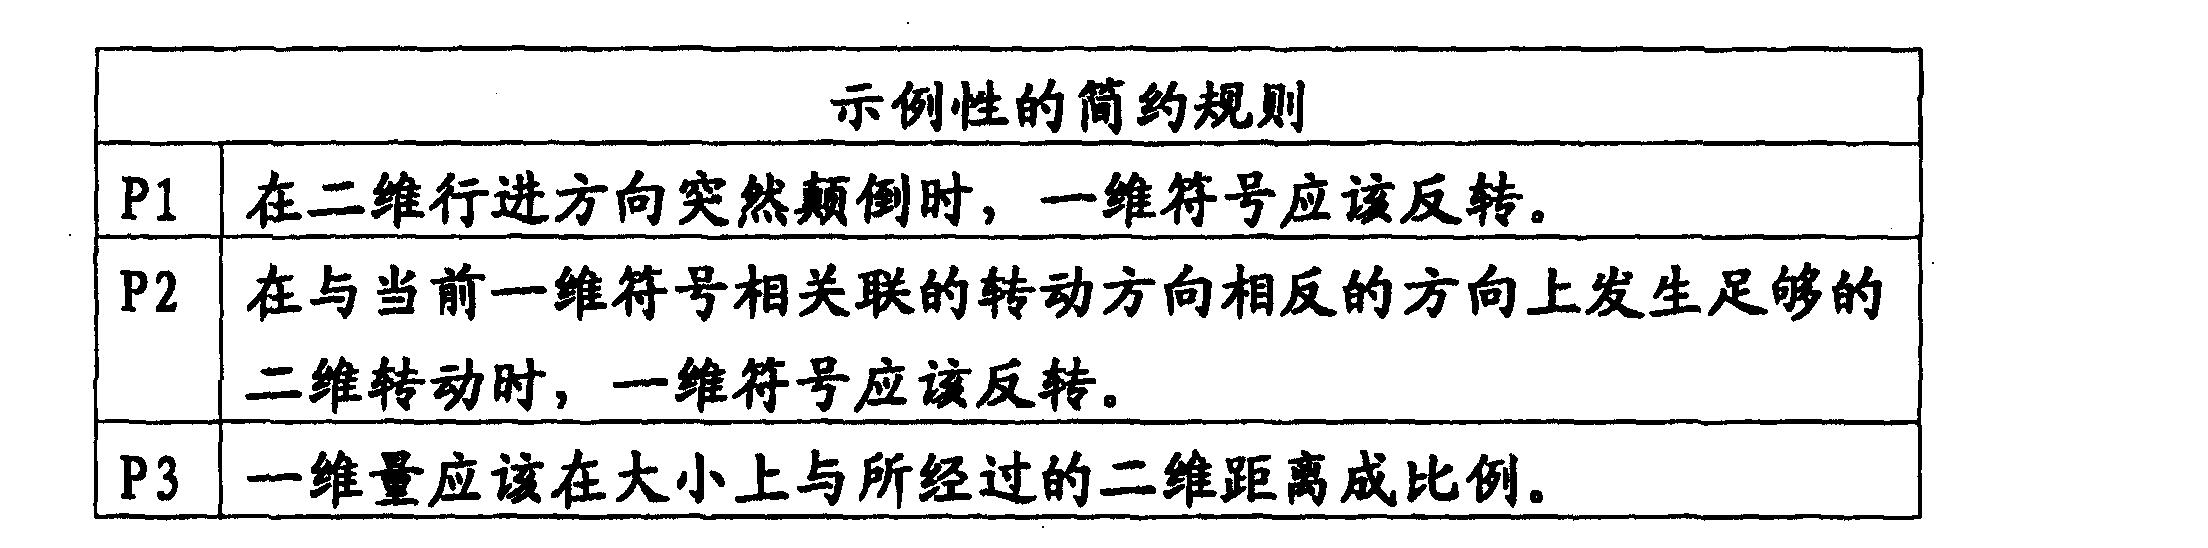 Figure CN101390034BD00151